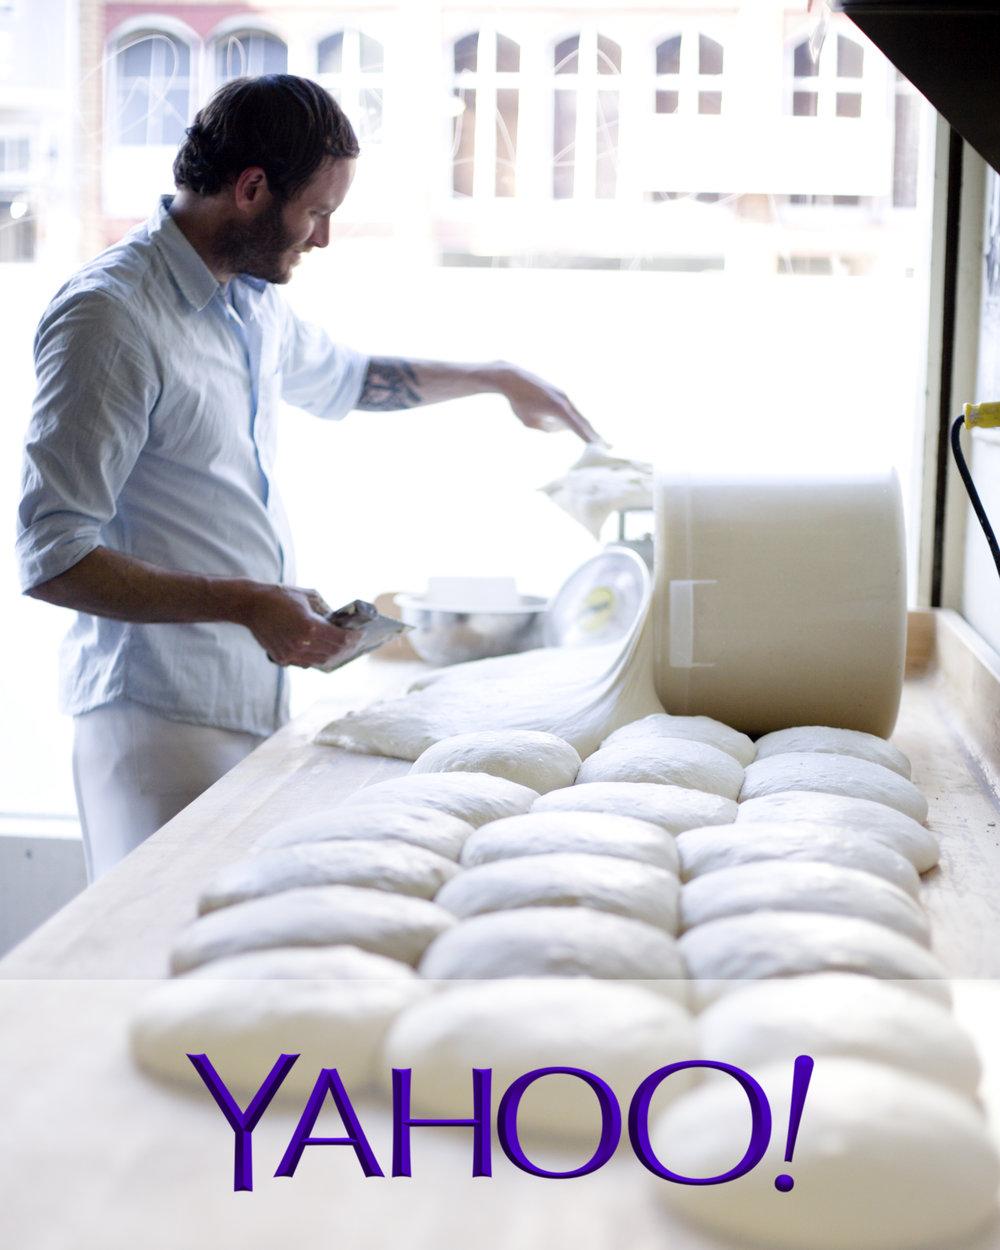 Yahoo_Tartine.jpg